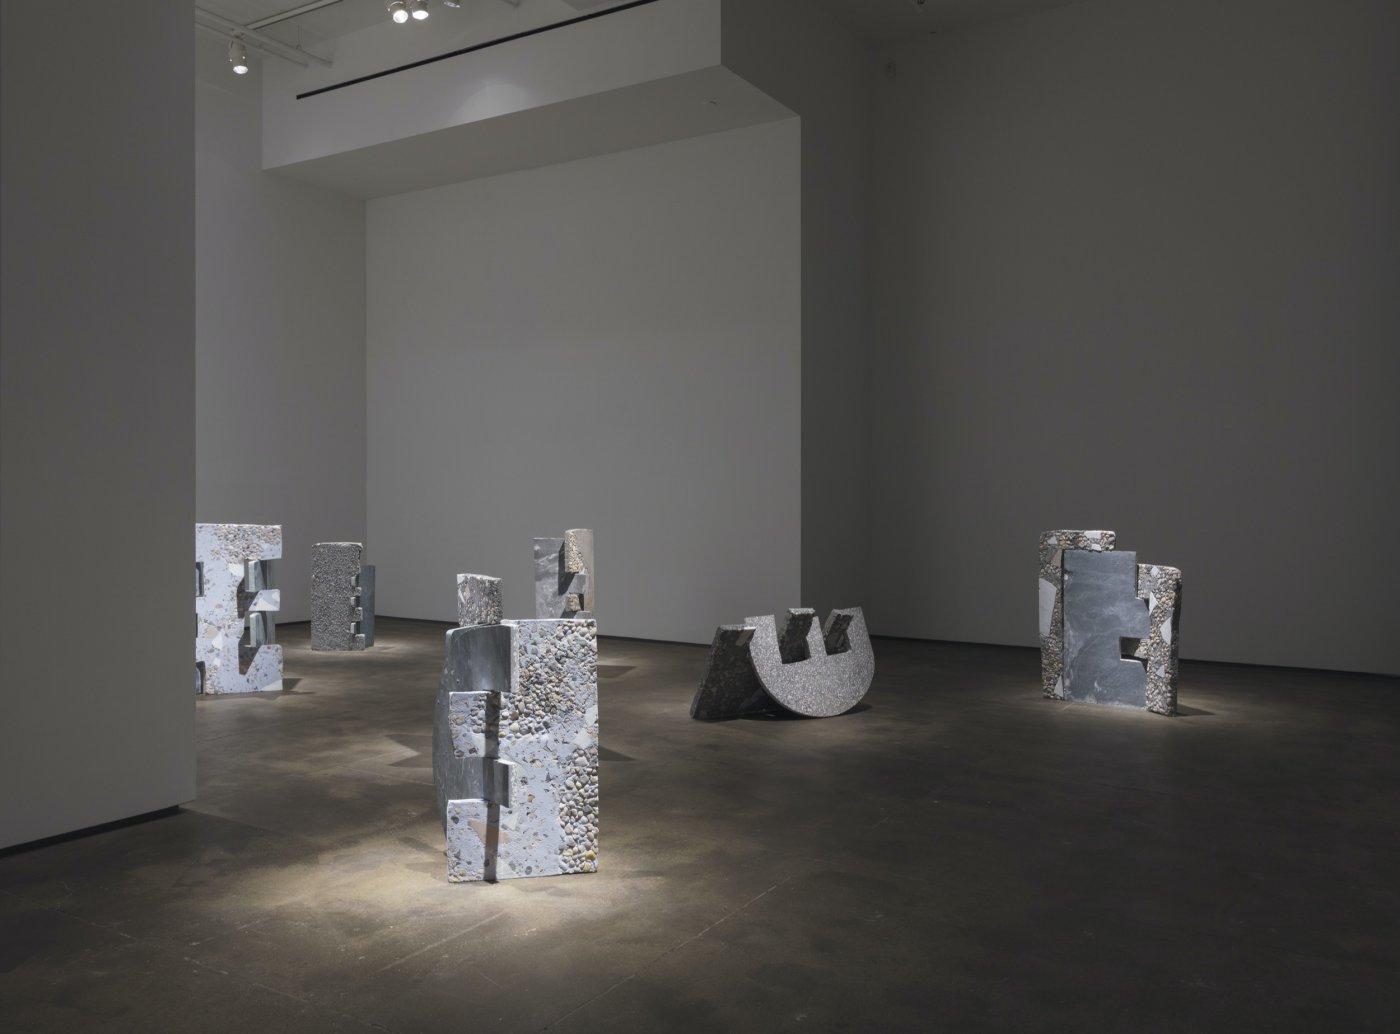 Sean Kelly Gallery Sam Moyer 9